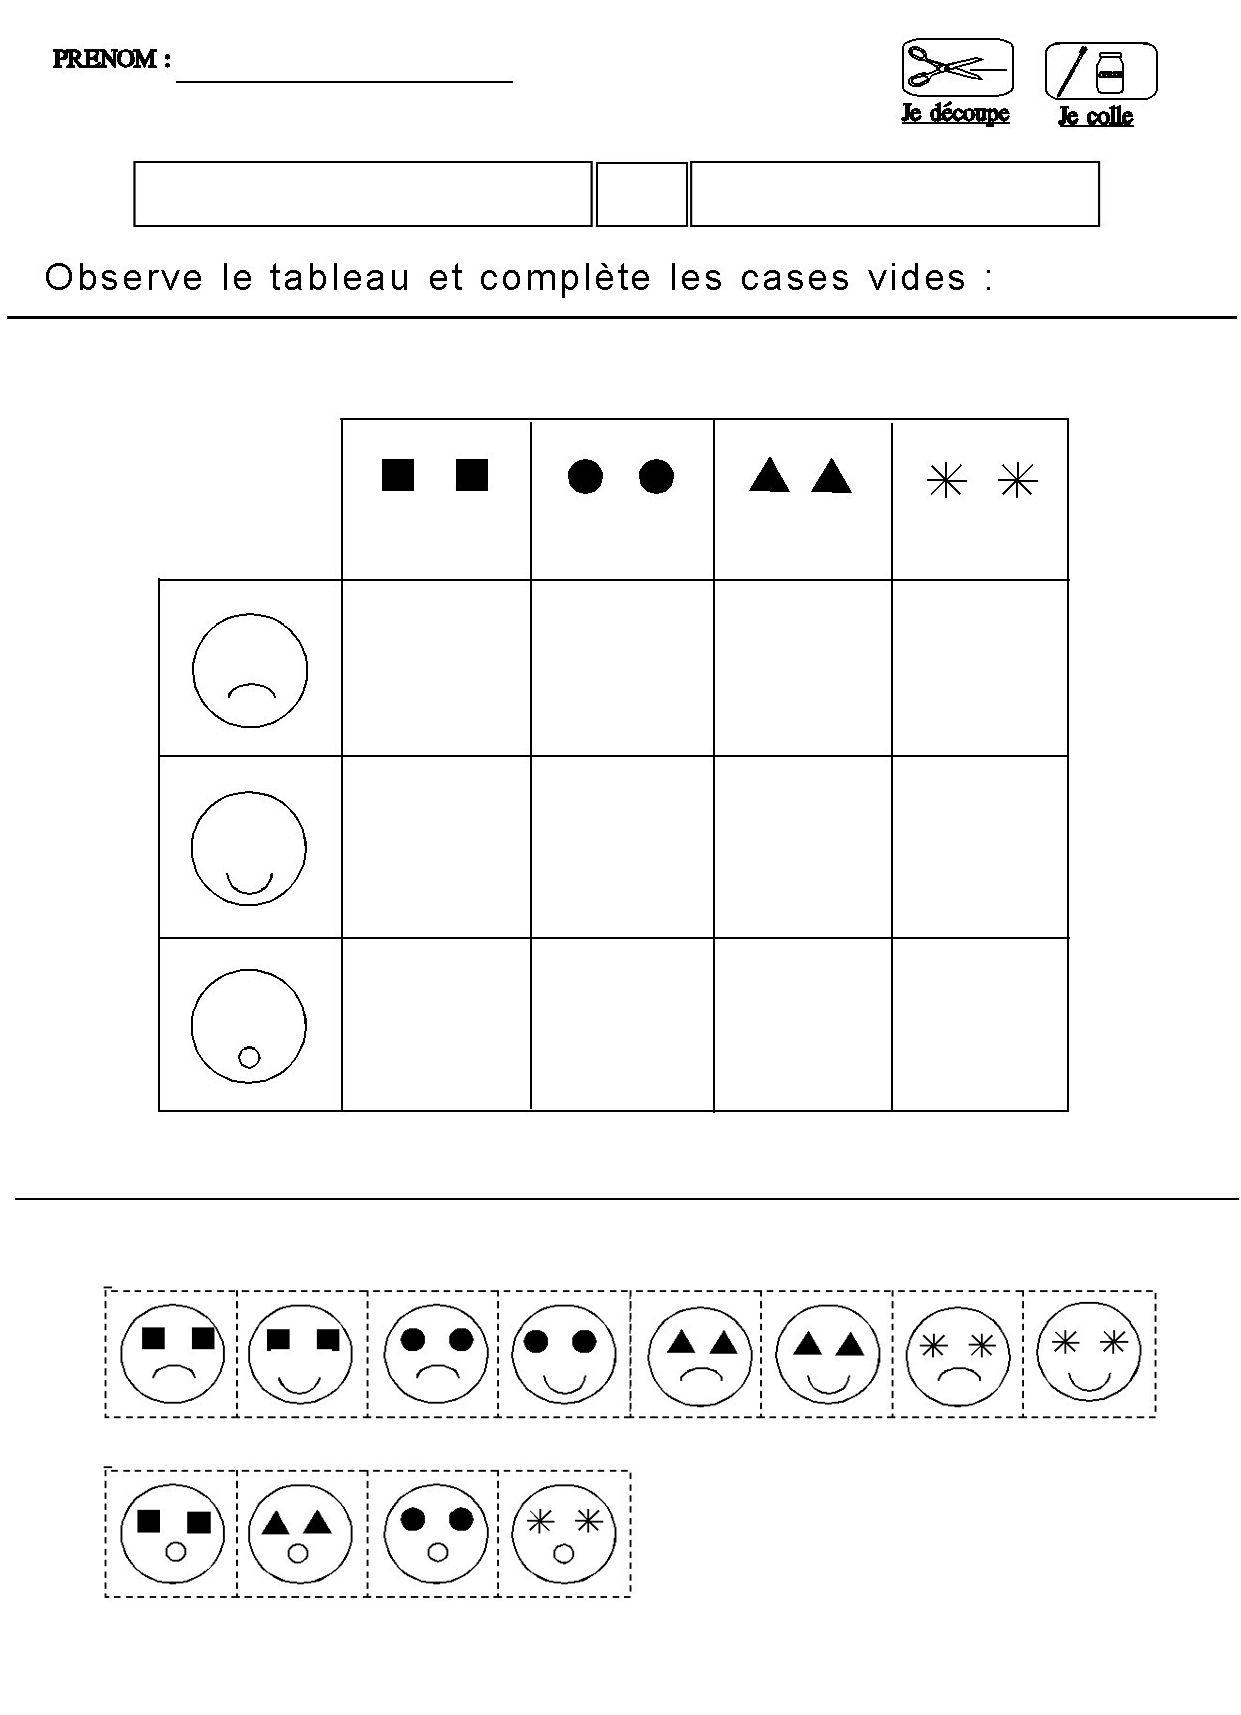 Tableau Double Entrees Pour Maternelle Moyenne Section avec Jeux En Ligne Maternelle Petite Section